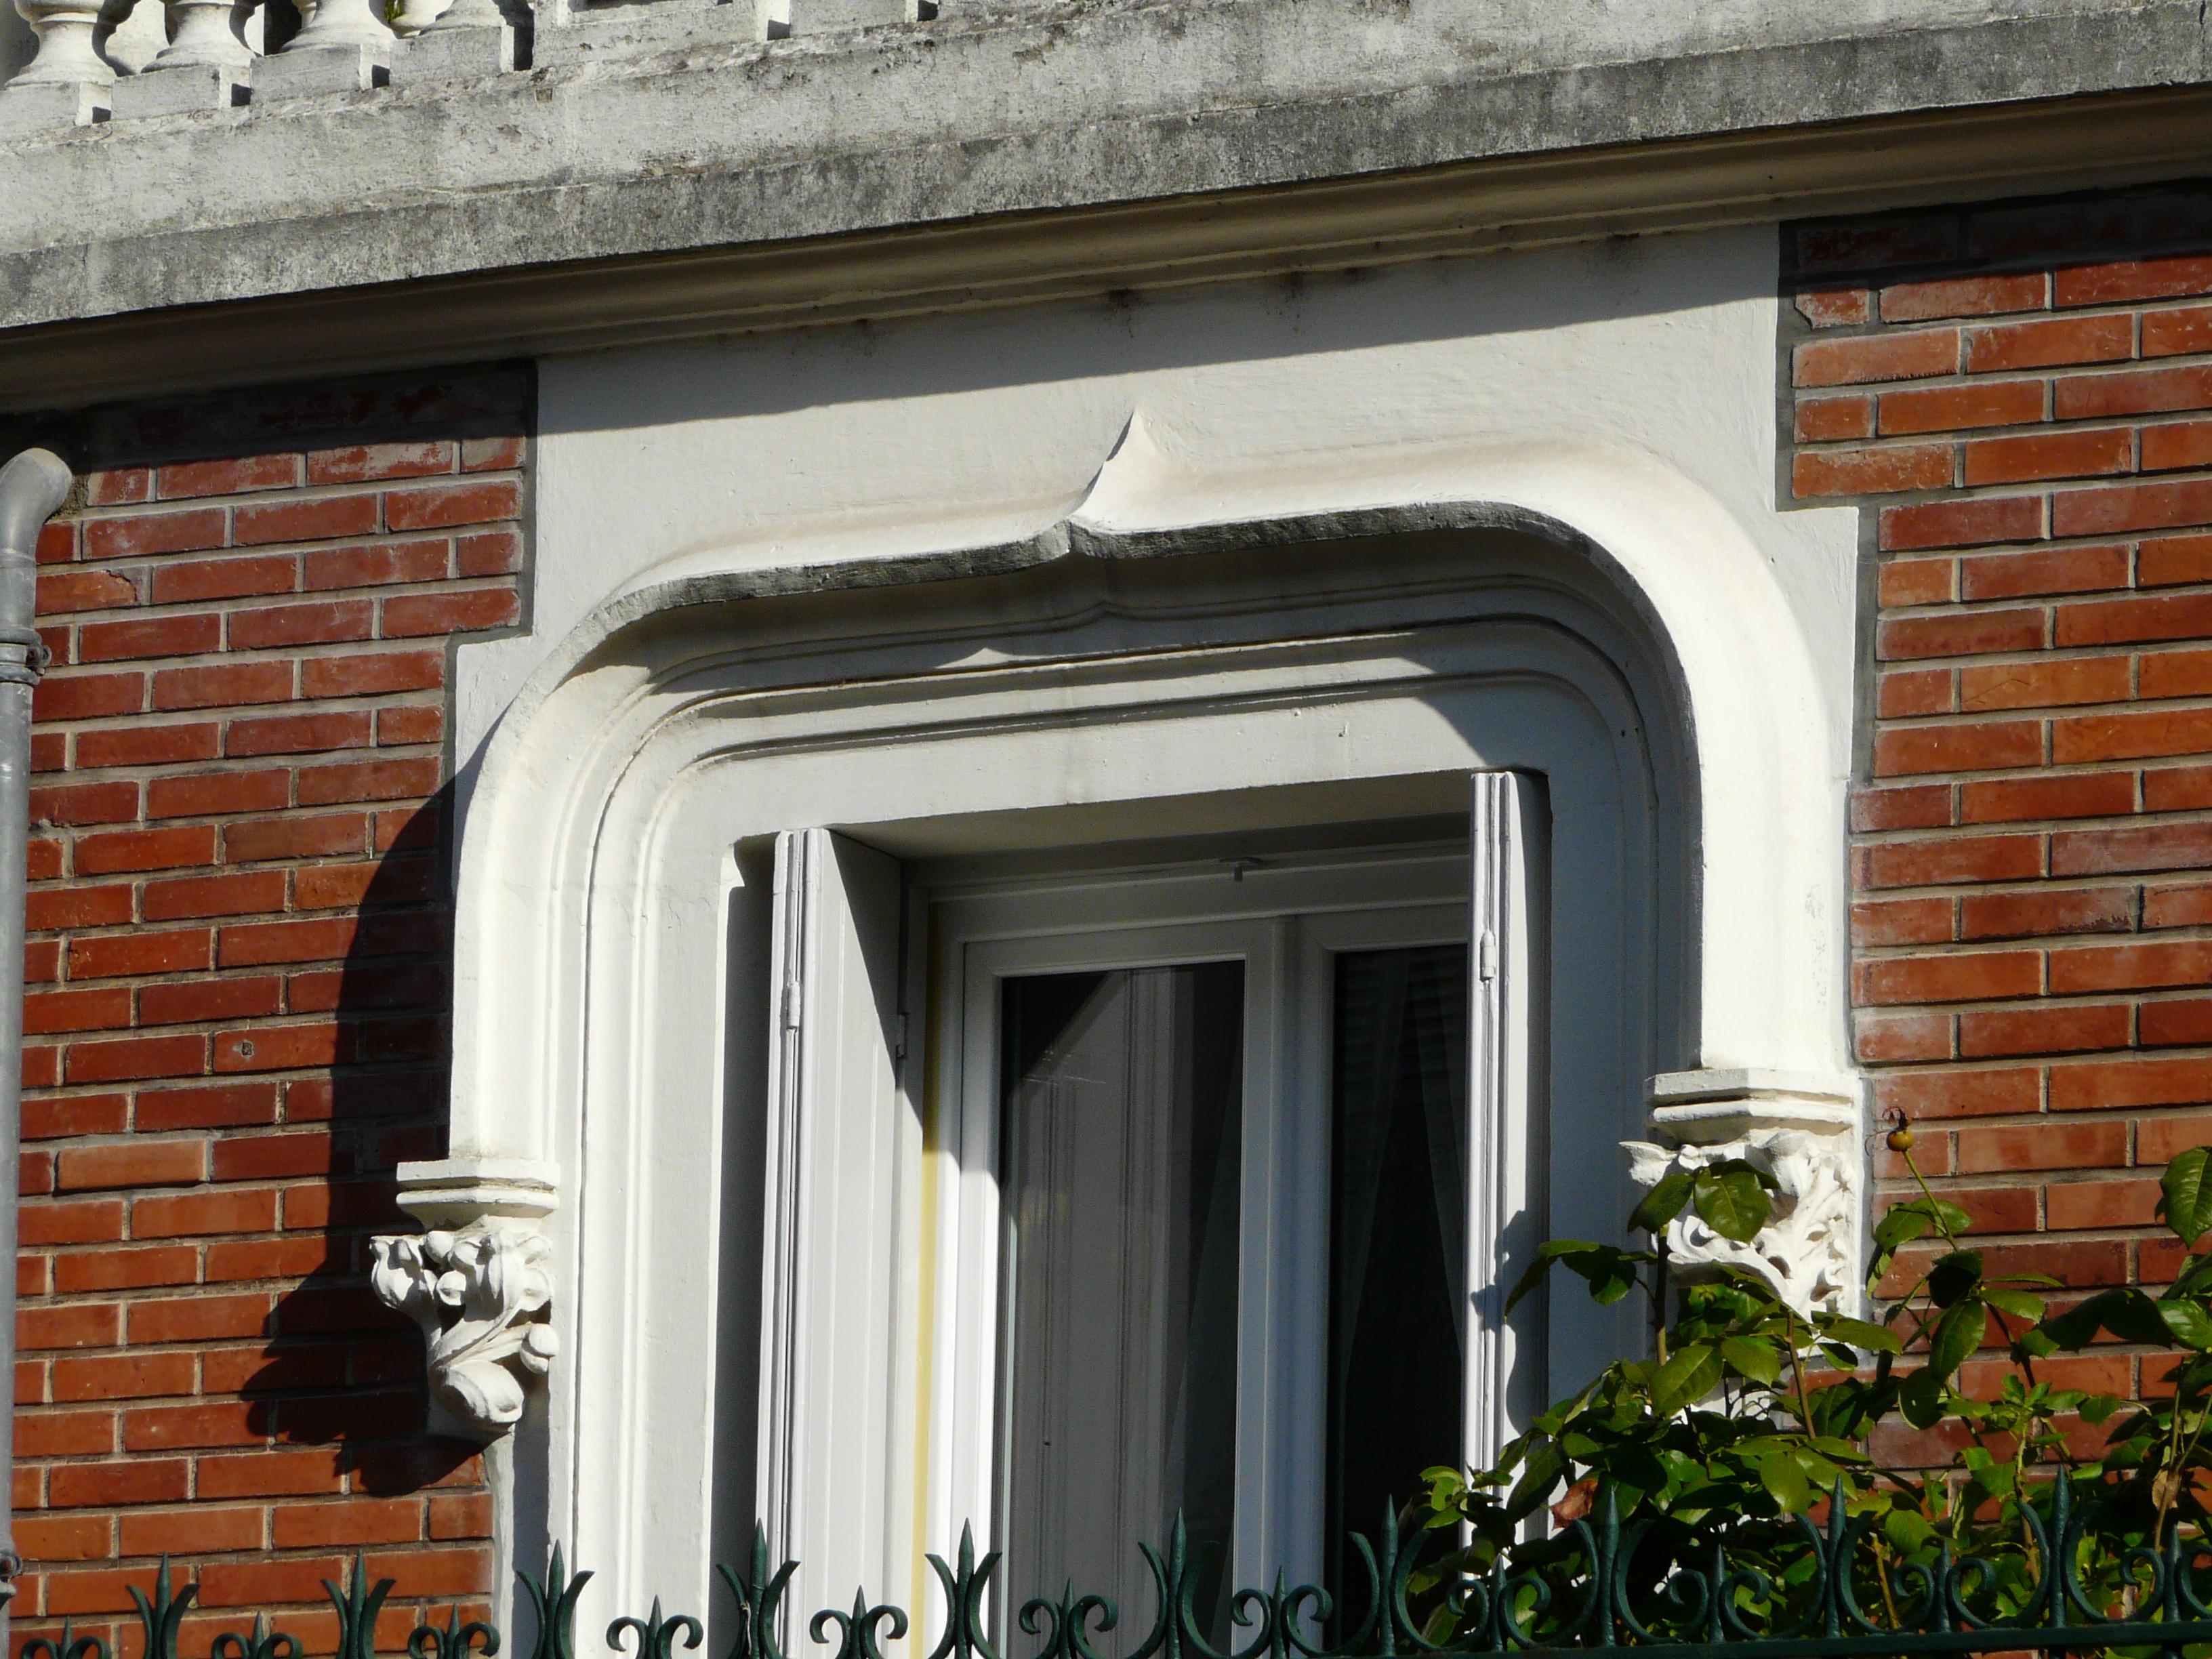 Encadrement De Fenetre Facade file:périgueux rue varsovie 14 encadrement fenêtre